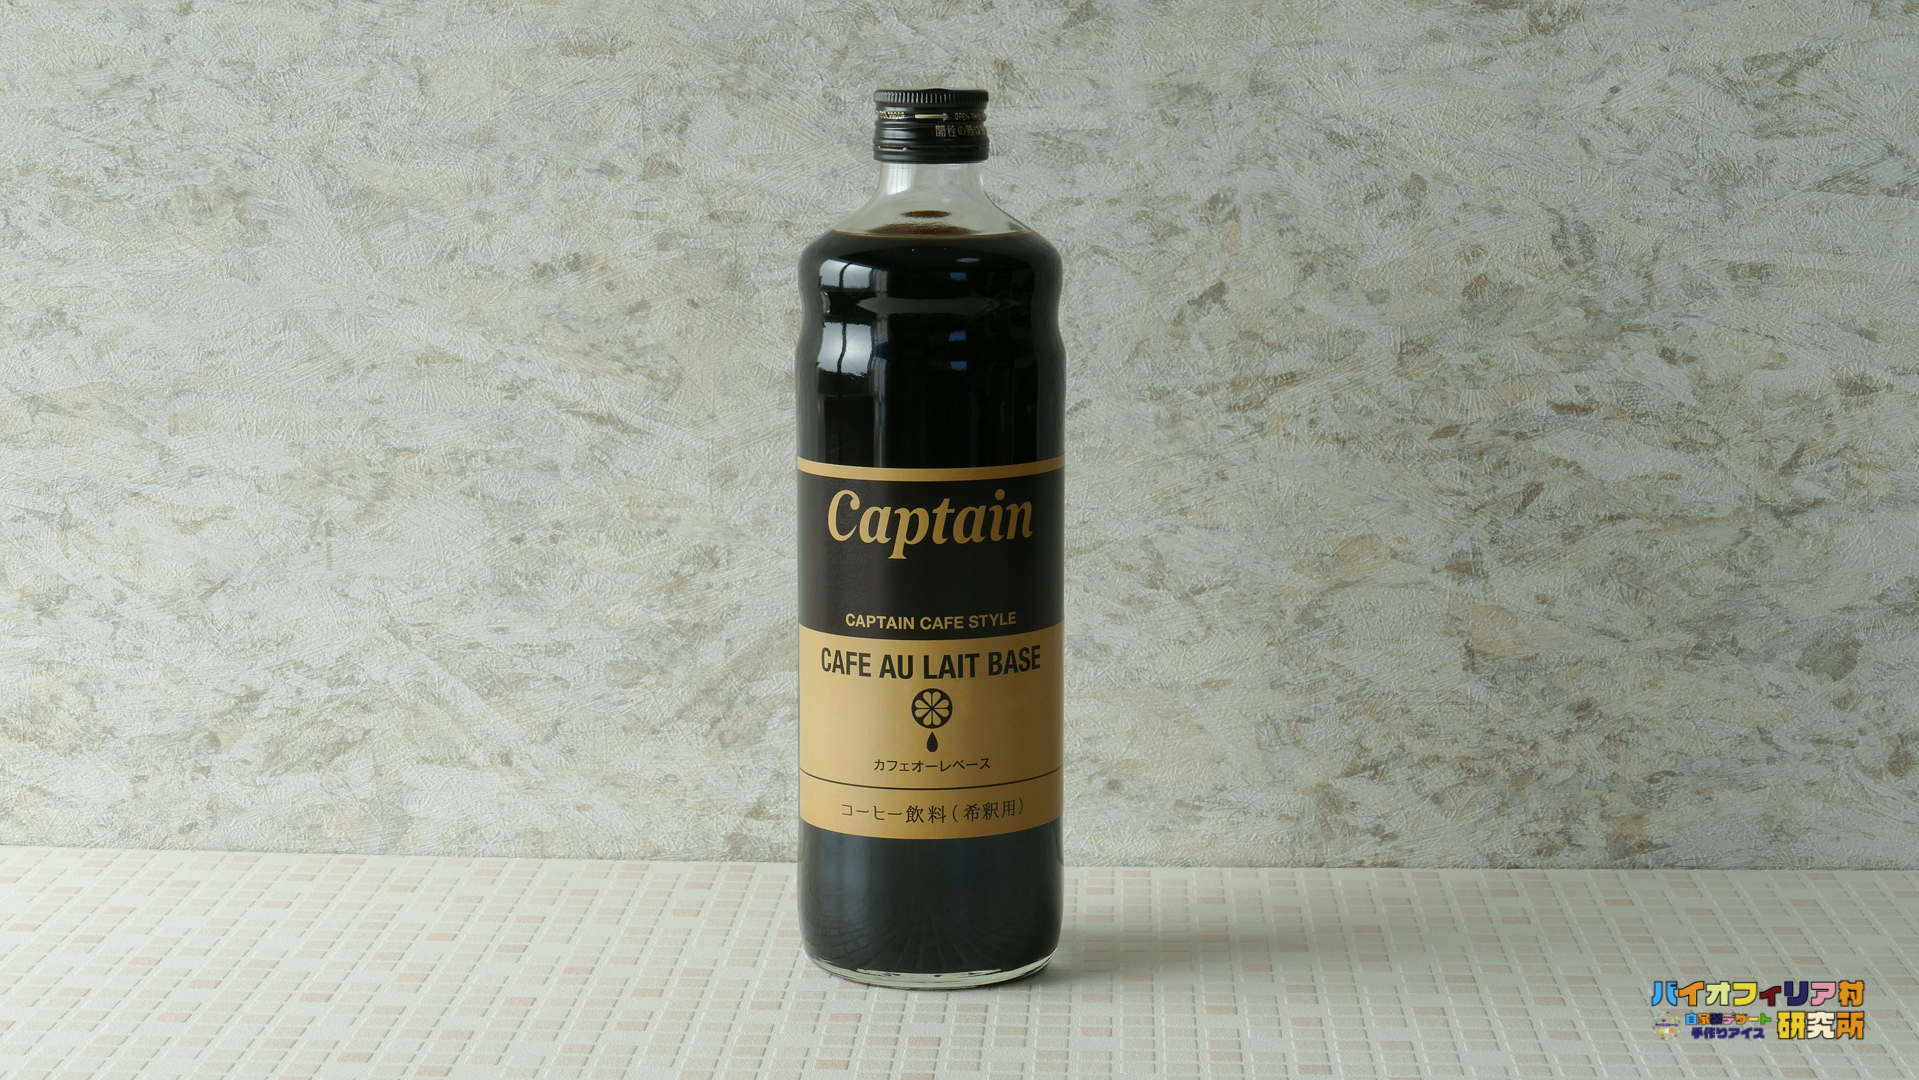 キャプテン(中村商店)『カフェオーレベース』の商品画像です。